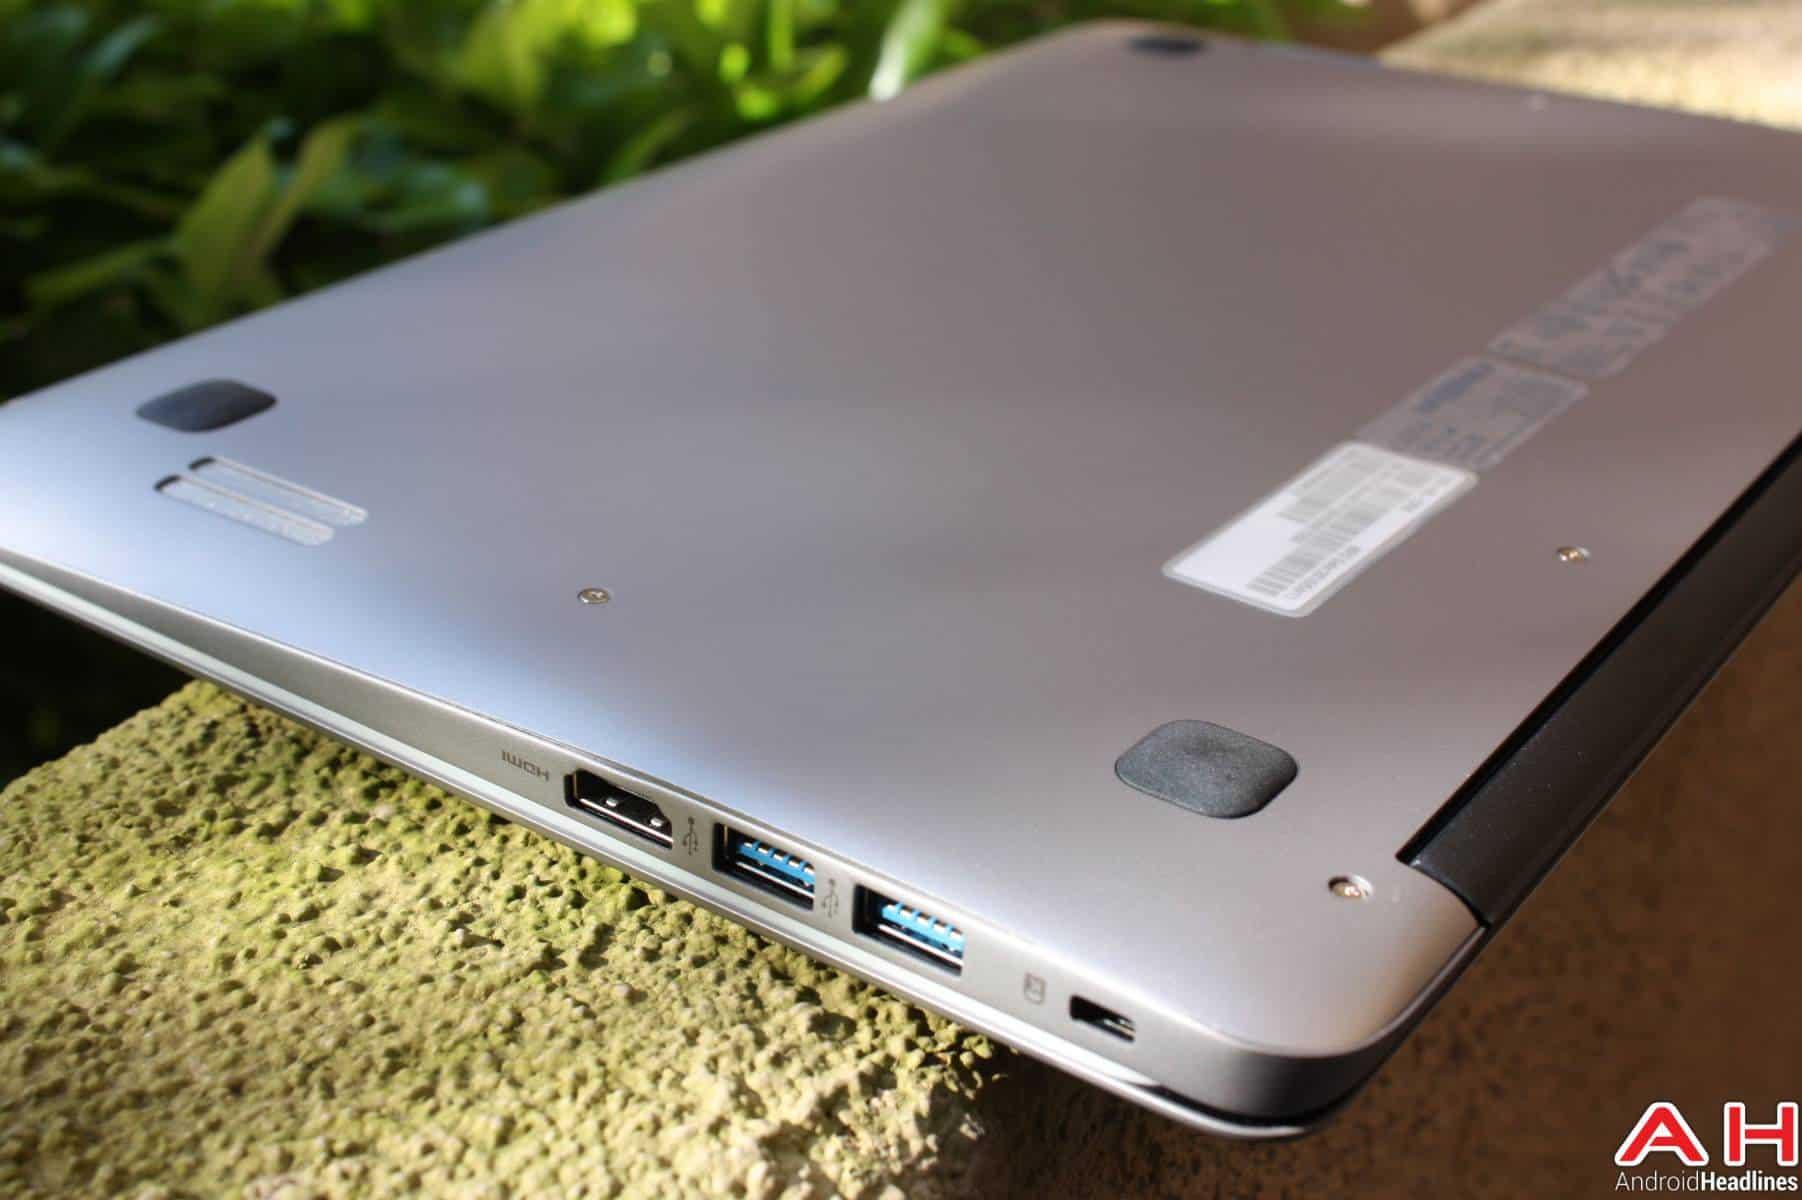 Acer Chromebook 14 AH-91